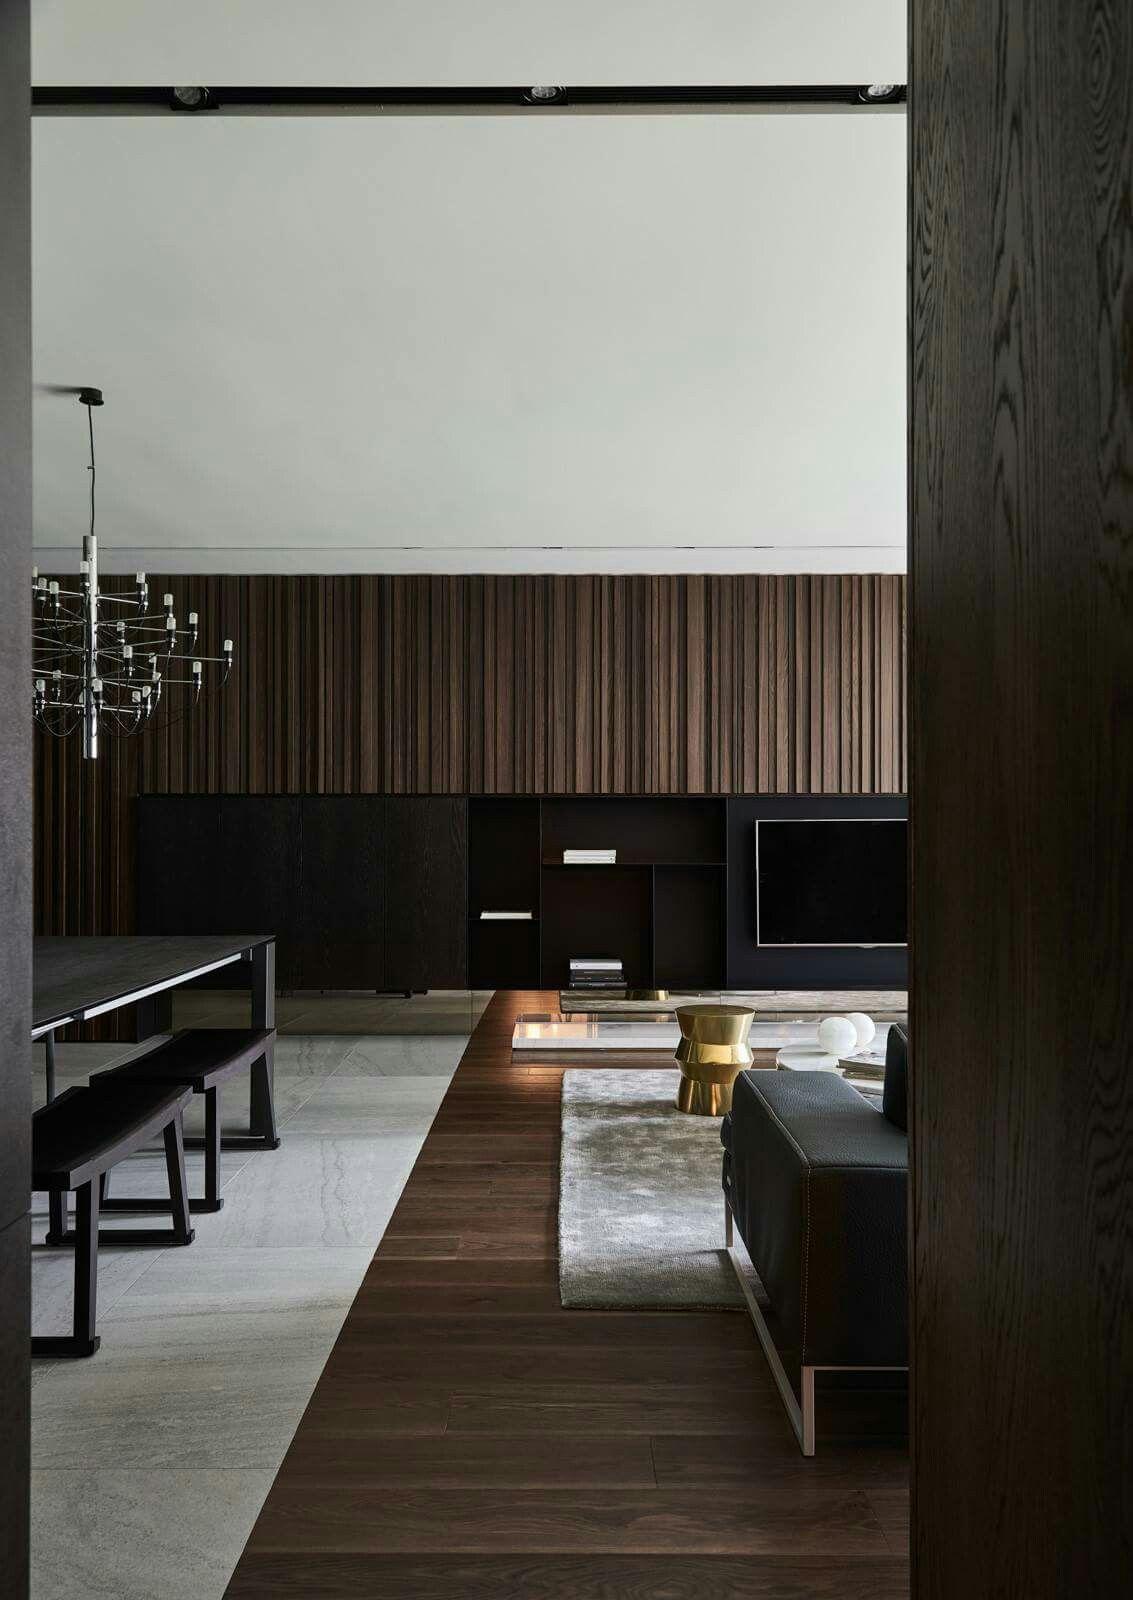 Pin von Gioele Baldocchi auf interiors   Pinterest   Wohnen